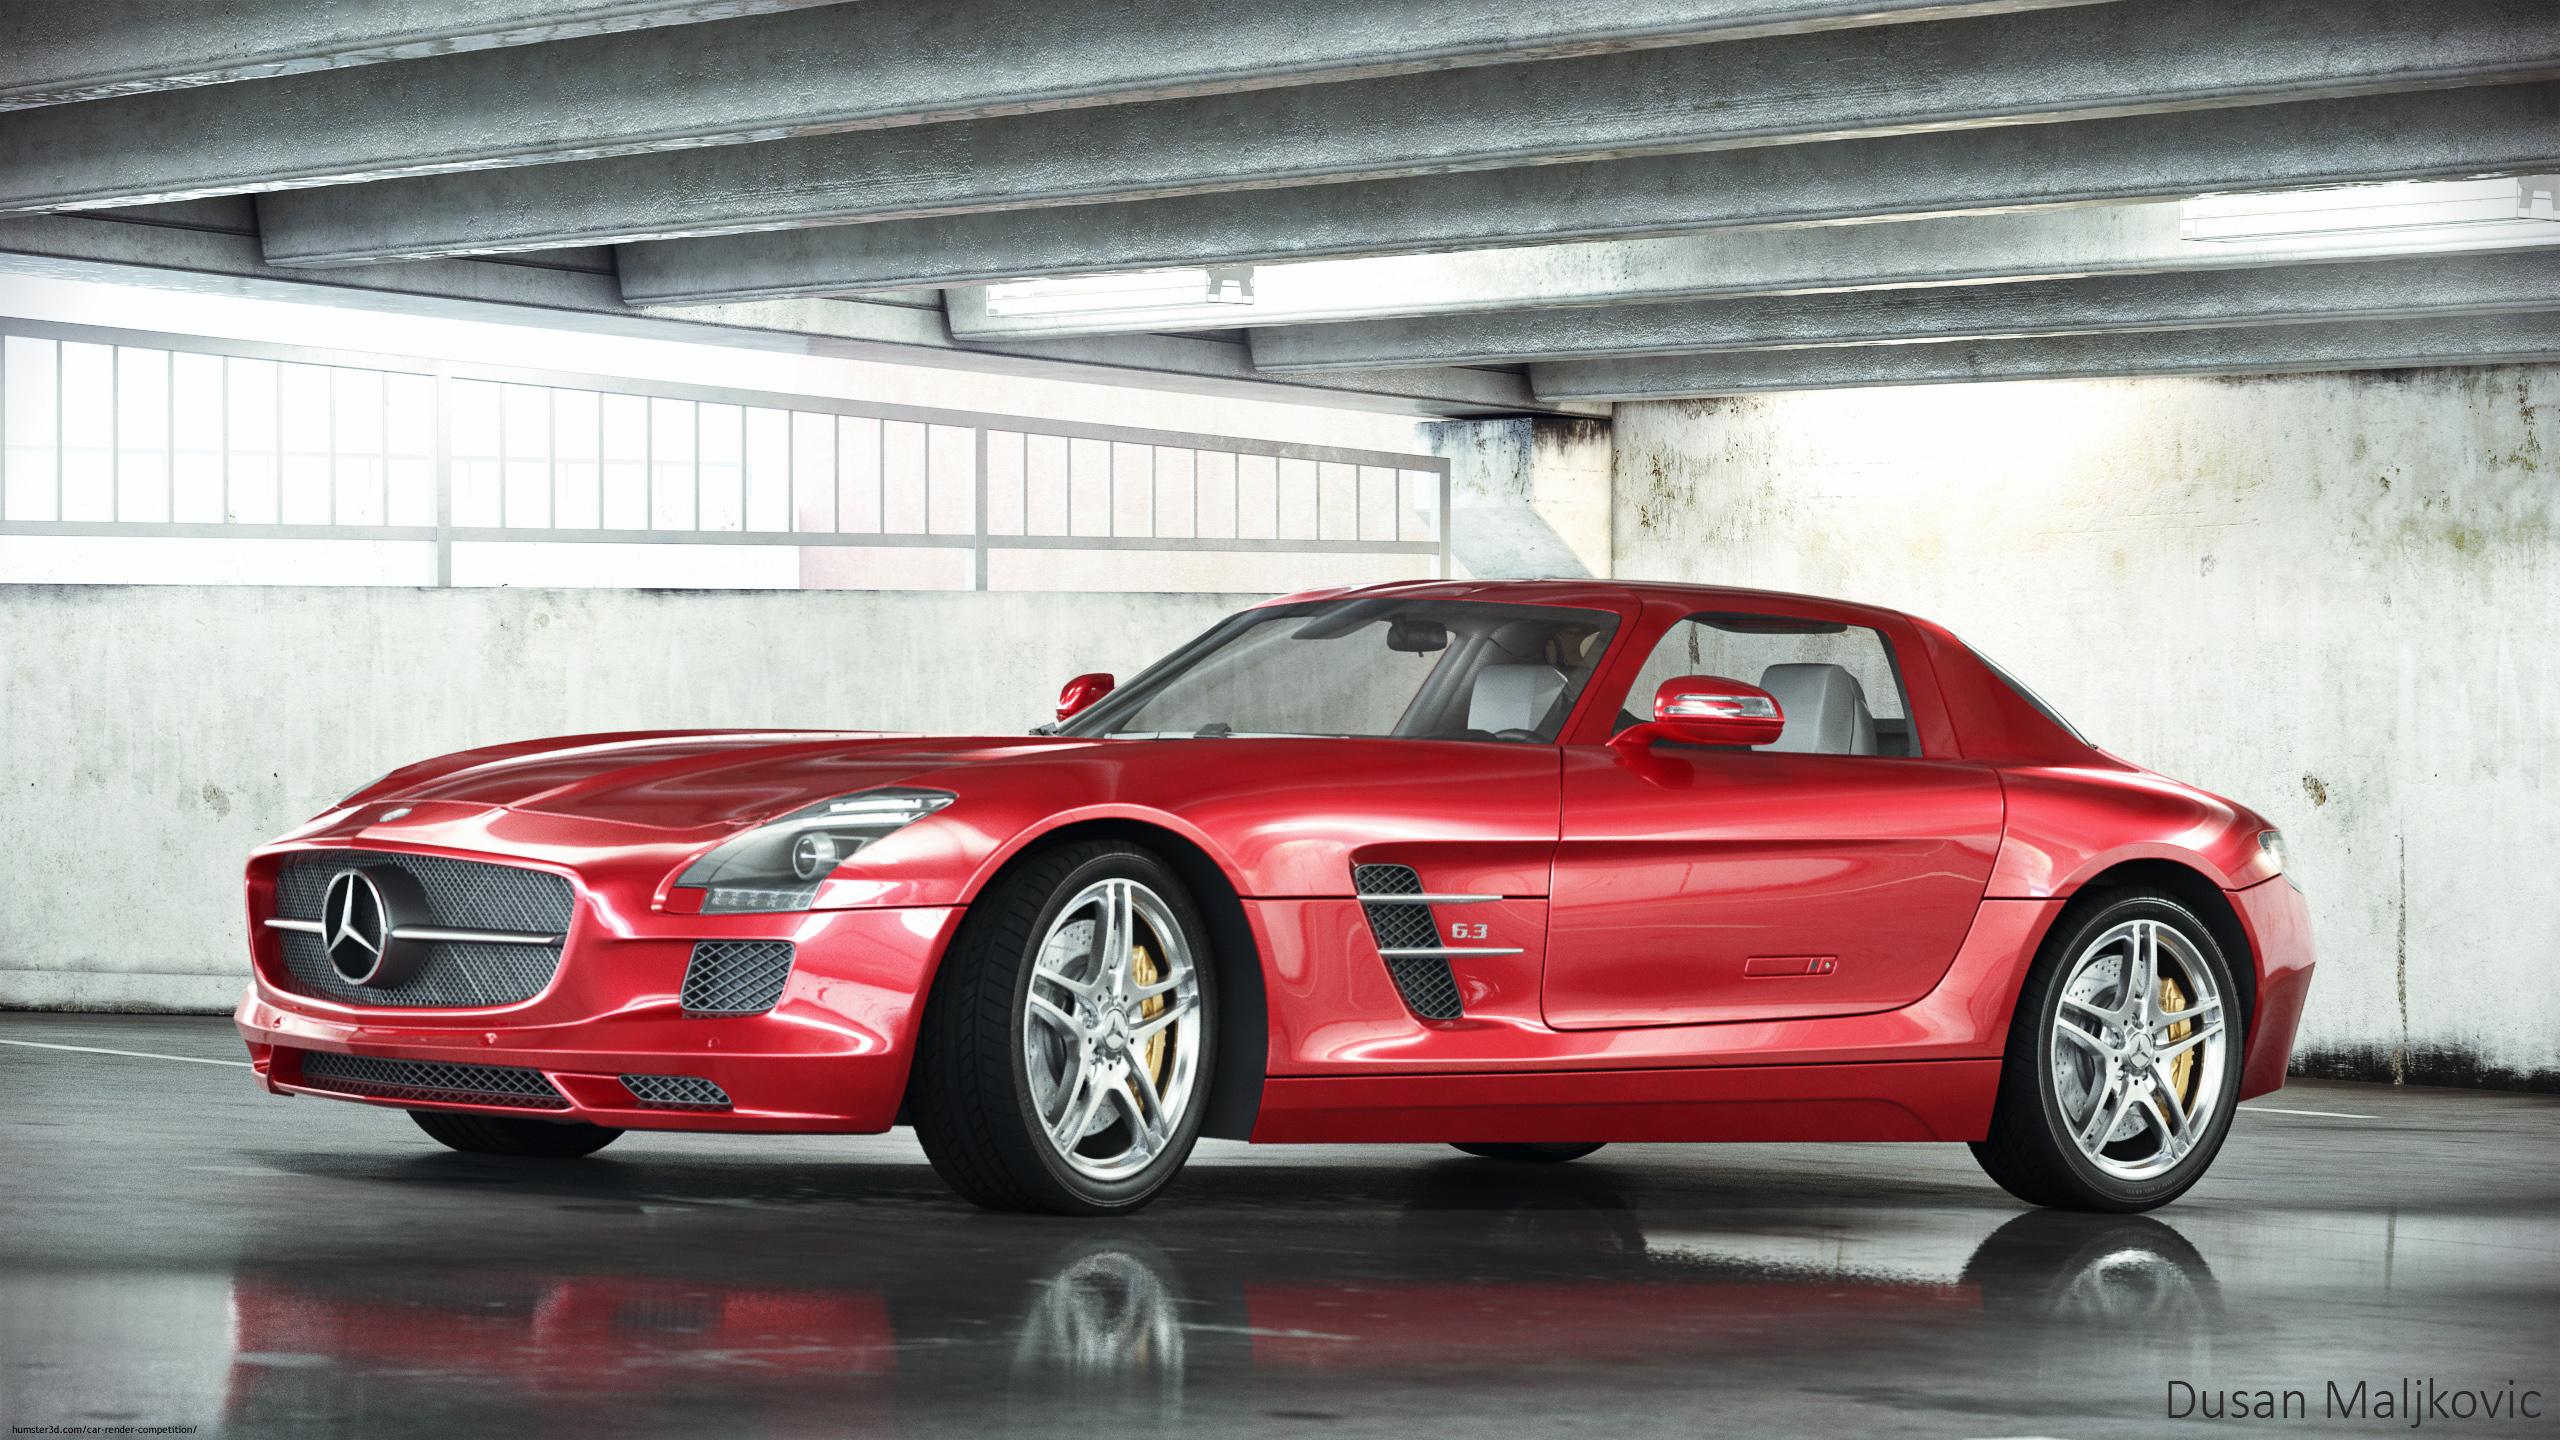 Mercedes-Benz SLS AMG 3d art